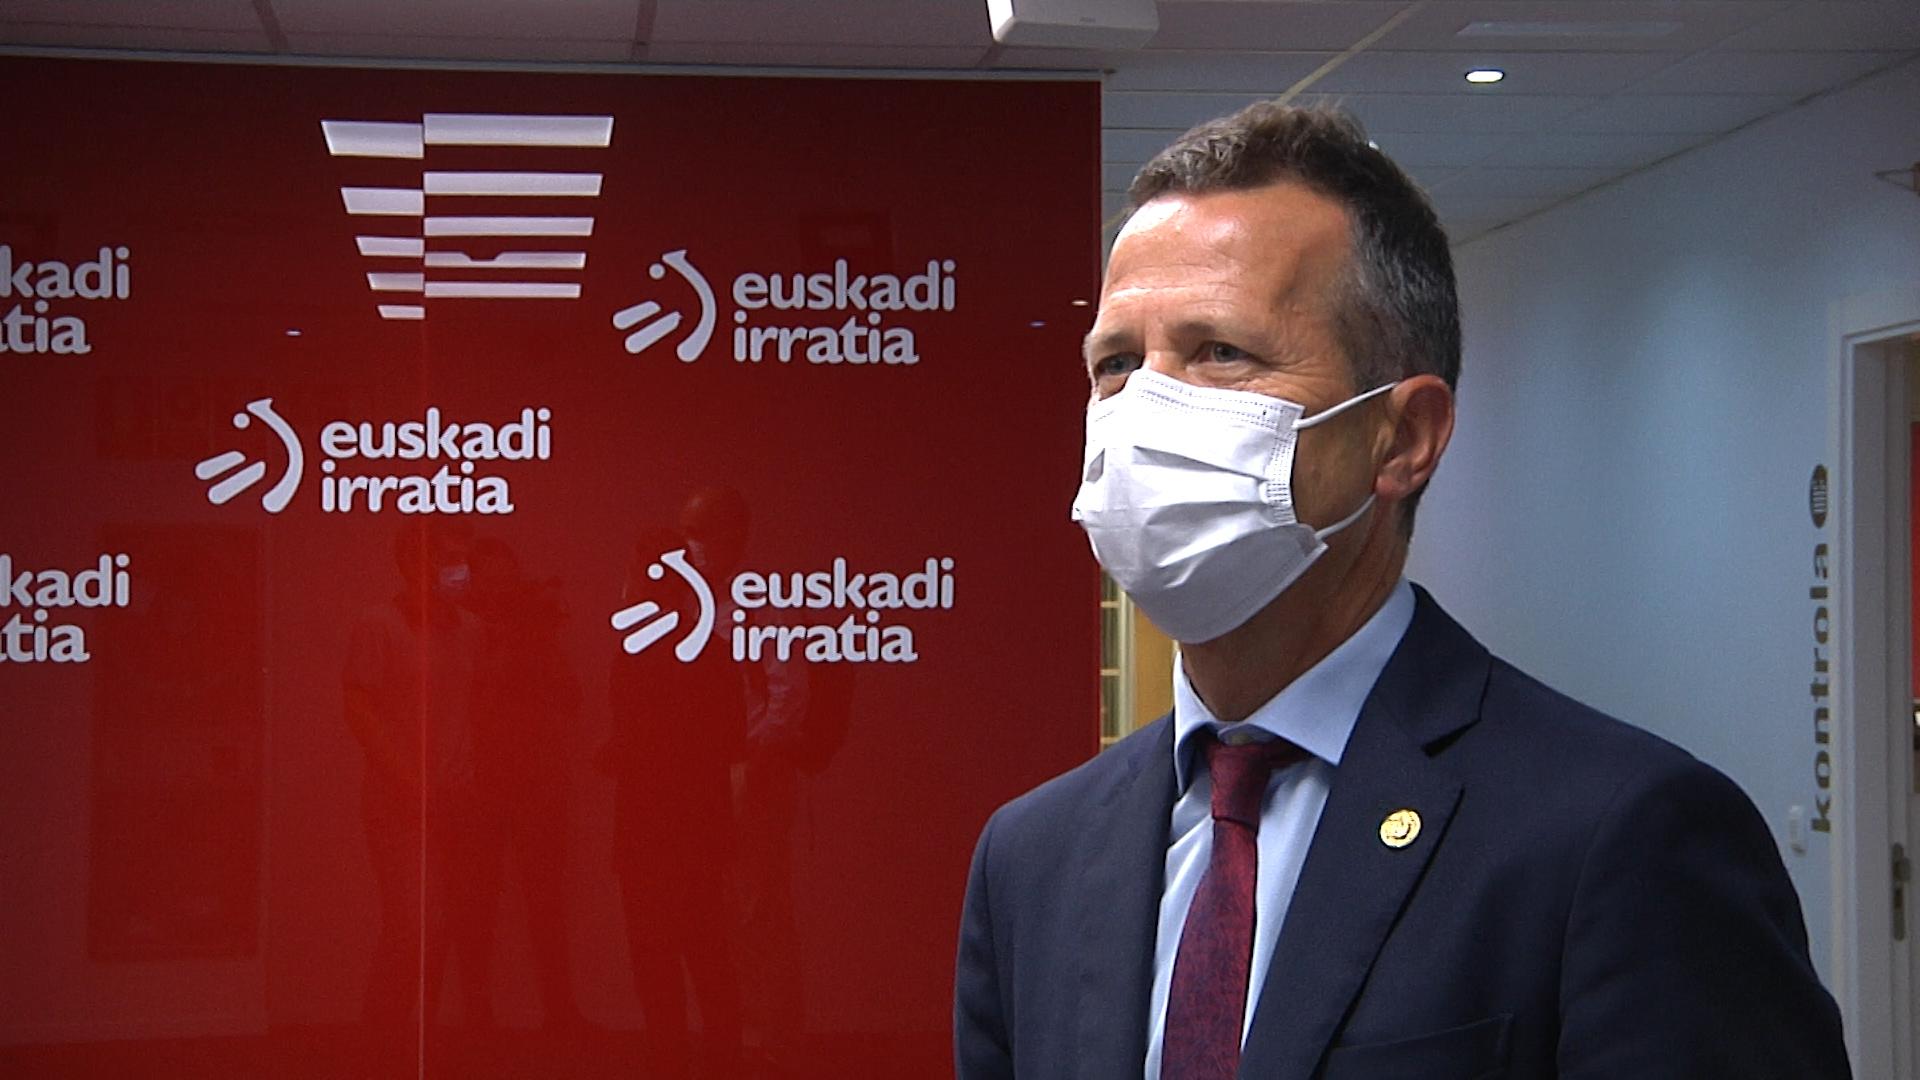 Entrevista_al_consejero_Jokin_Bildarratz_en_Euskadi_Irratia.jpg